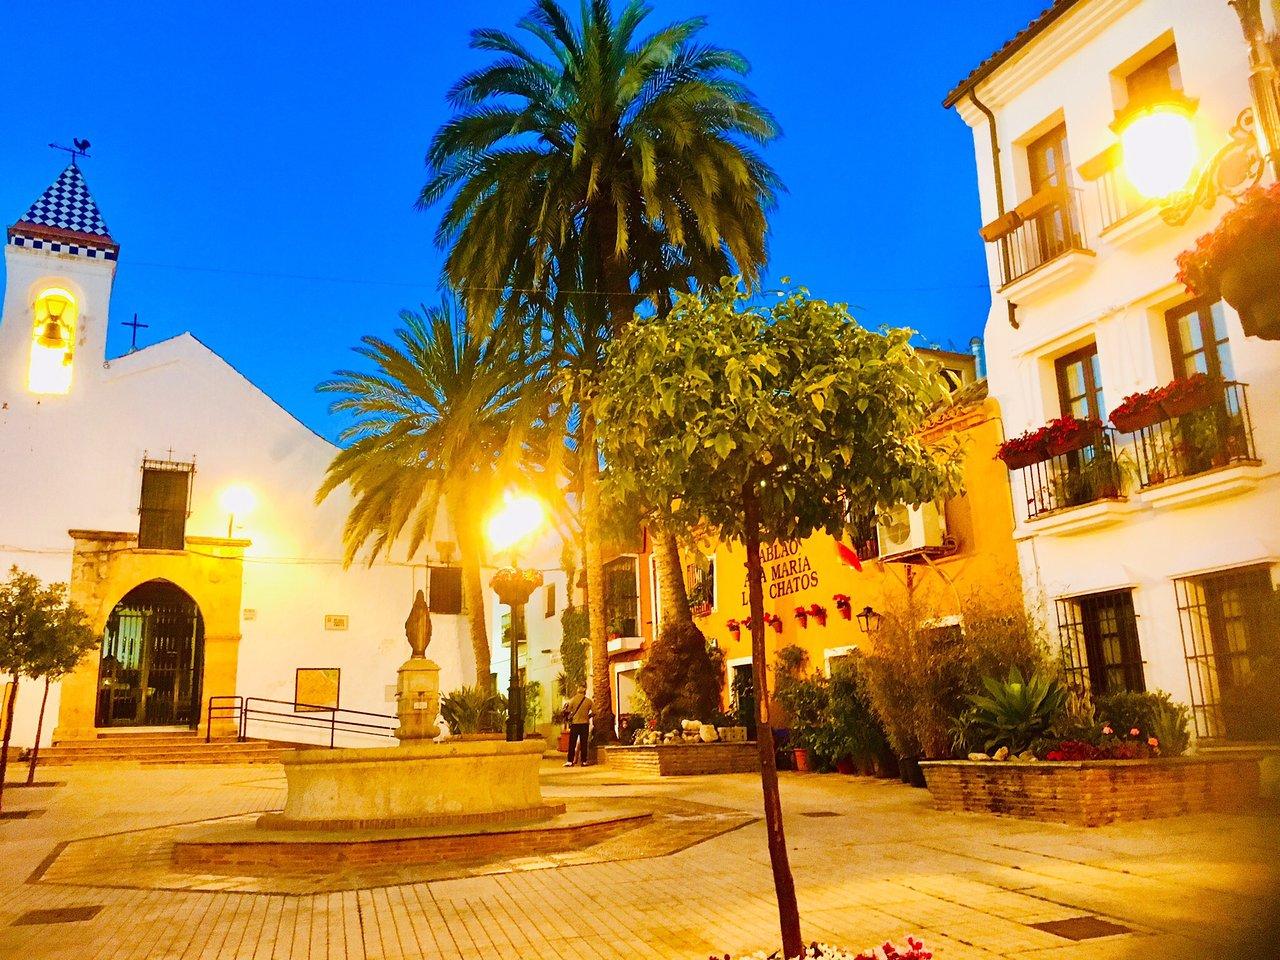 Todo lo que necesitas saber sobre el casco antiguo de Marbella de la mano de nuestro servicio de alquiler de coches